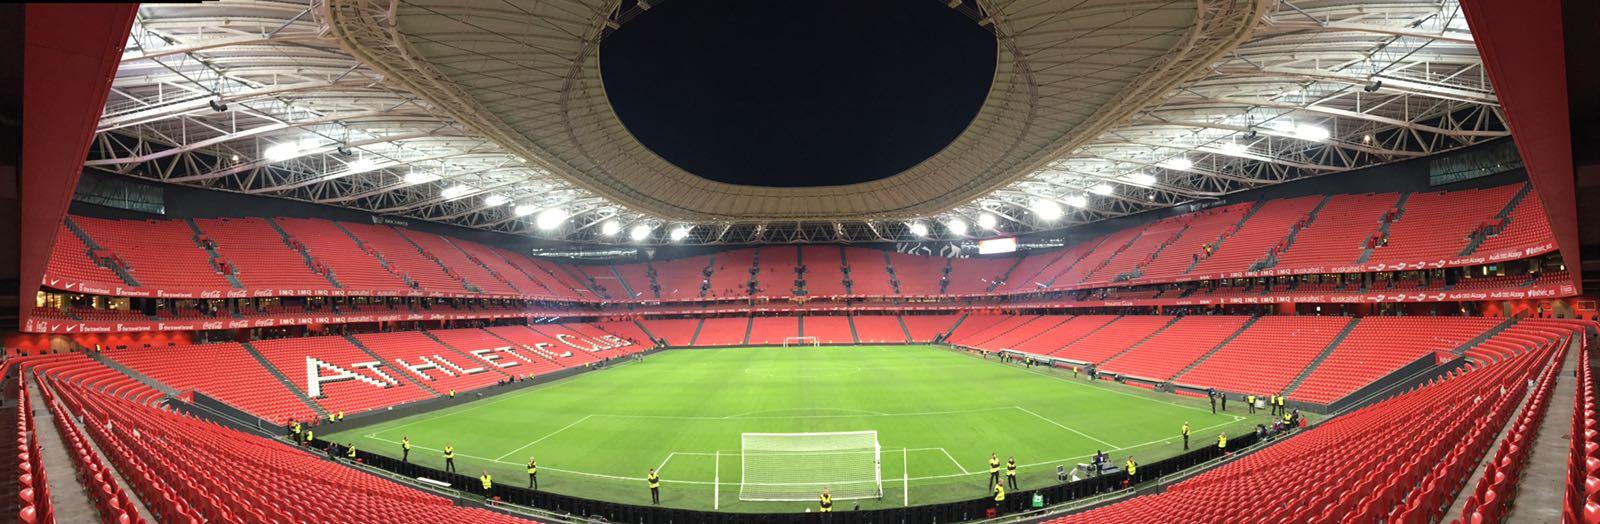 «Алавес» хочет, чтобы финал Кубка Испании прошел на стадионе «Сан Мамес»